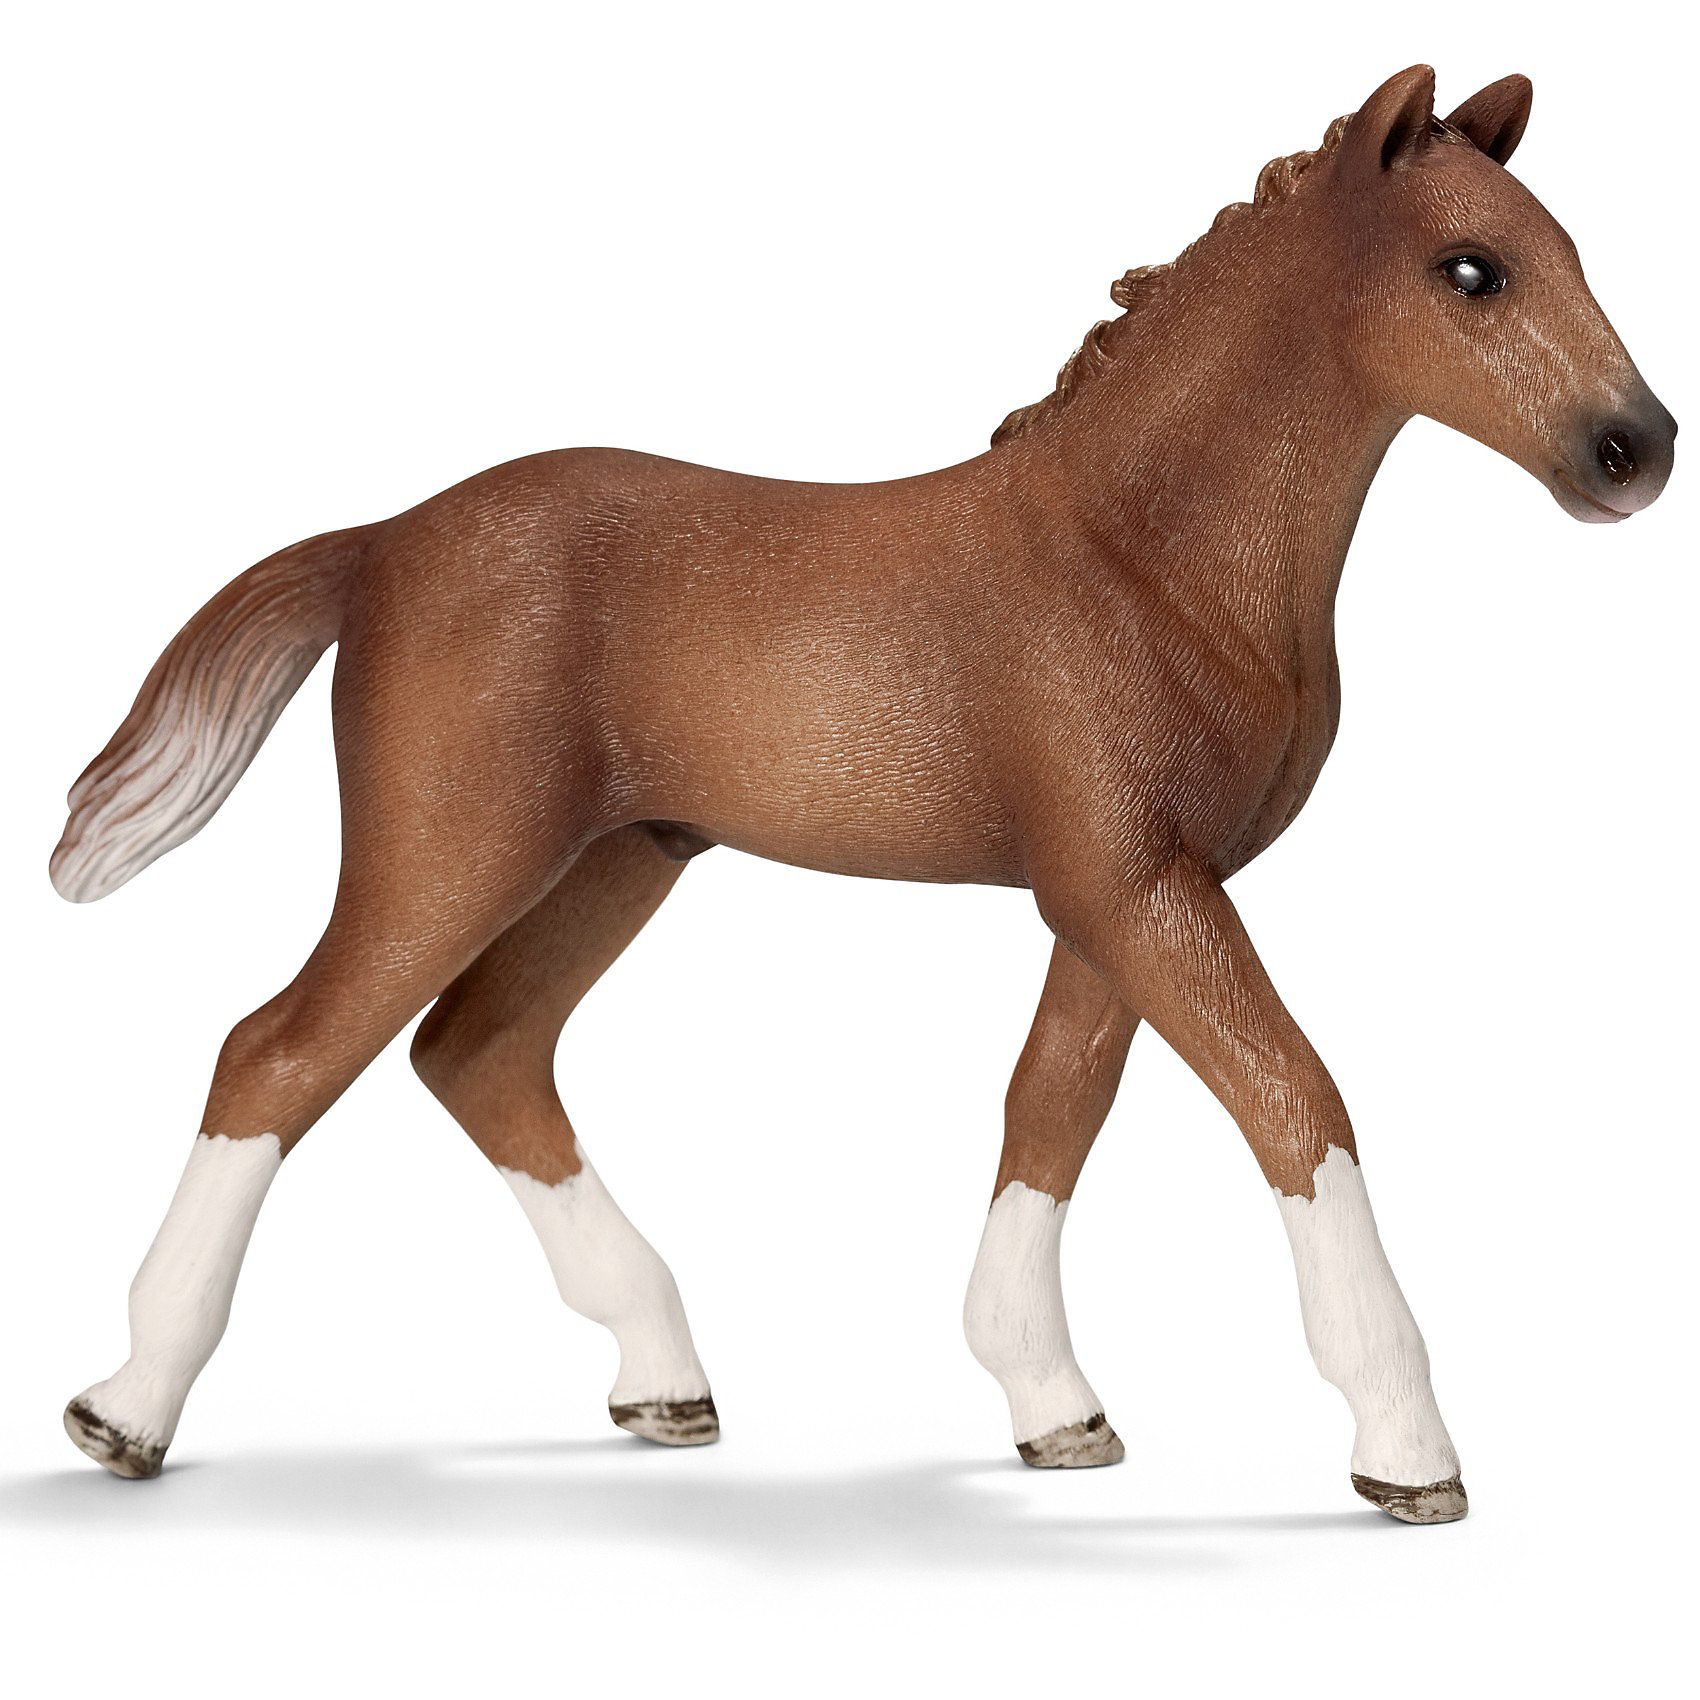 Гановерский жеребенок, SchleichГанноверский жеребенок, Schleich (Шляйх) – это высококачественная коллекционная и игровая фигурка.<br><br>Ганноверский жеребенок из благородной спортивной породы лошадей. Порода разводится в Германии с 1735 года. Она превосходно подходит для выездки и конкура. Ганноверская лошадь считается самой способной в обучении, эти лошади самые понятливые, внимательные и уравновешенные. Прекрасно выполненные фигурки Schleich (Шляйх) являются максимально точной копией настоящих животных и отличаются высочайшим качеством игрушек ручной работы. Каждая фигурка разработана с учетом исследований в области педагогики.<br>Фигурка Ганноверского жеребенка прекрасно разнообразит игру вашего ребенка и станет отличным пополнением коллекции его фигурок животных.<br><br>Дополнительная информация<br><br>- Размер фигурки: 10.5 ? 2.5 ? 8.5см.<br>- Материал: высококачественный каучуковый пластик<br><br>Фигурку Ганноверская кобыла, Schleich (Шляйх) можно купить в нашем интернет-магазине.<br><br>Ширина мм: 151<br>Глубина мм: 96<br>Высота мм: 27<br>Вес г: 48<br>Возраст от месяцев: 36<br>Возраст до месяцев: 96<br>Пол: Женский<br>Возраст: Детский<br>SKU: 2609283